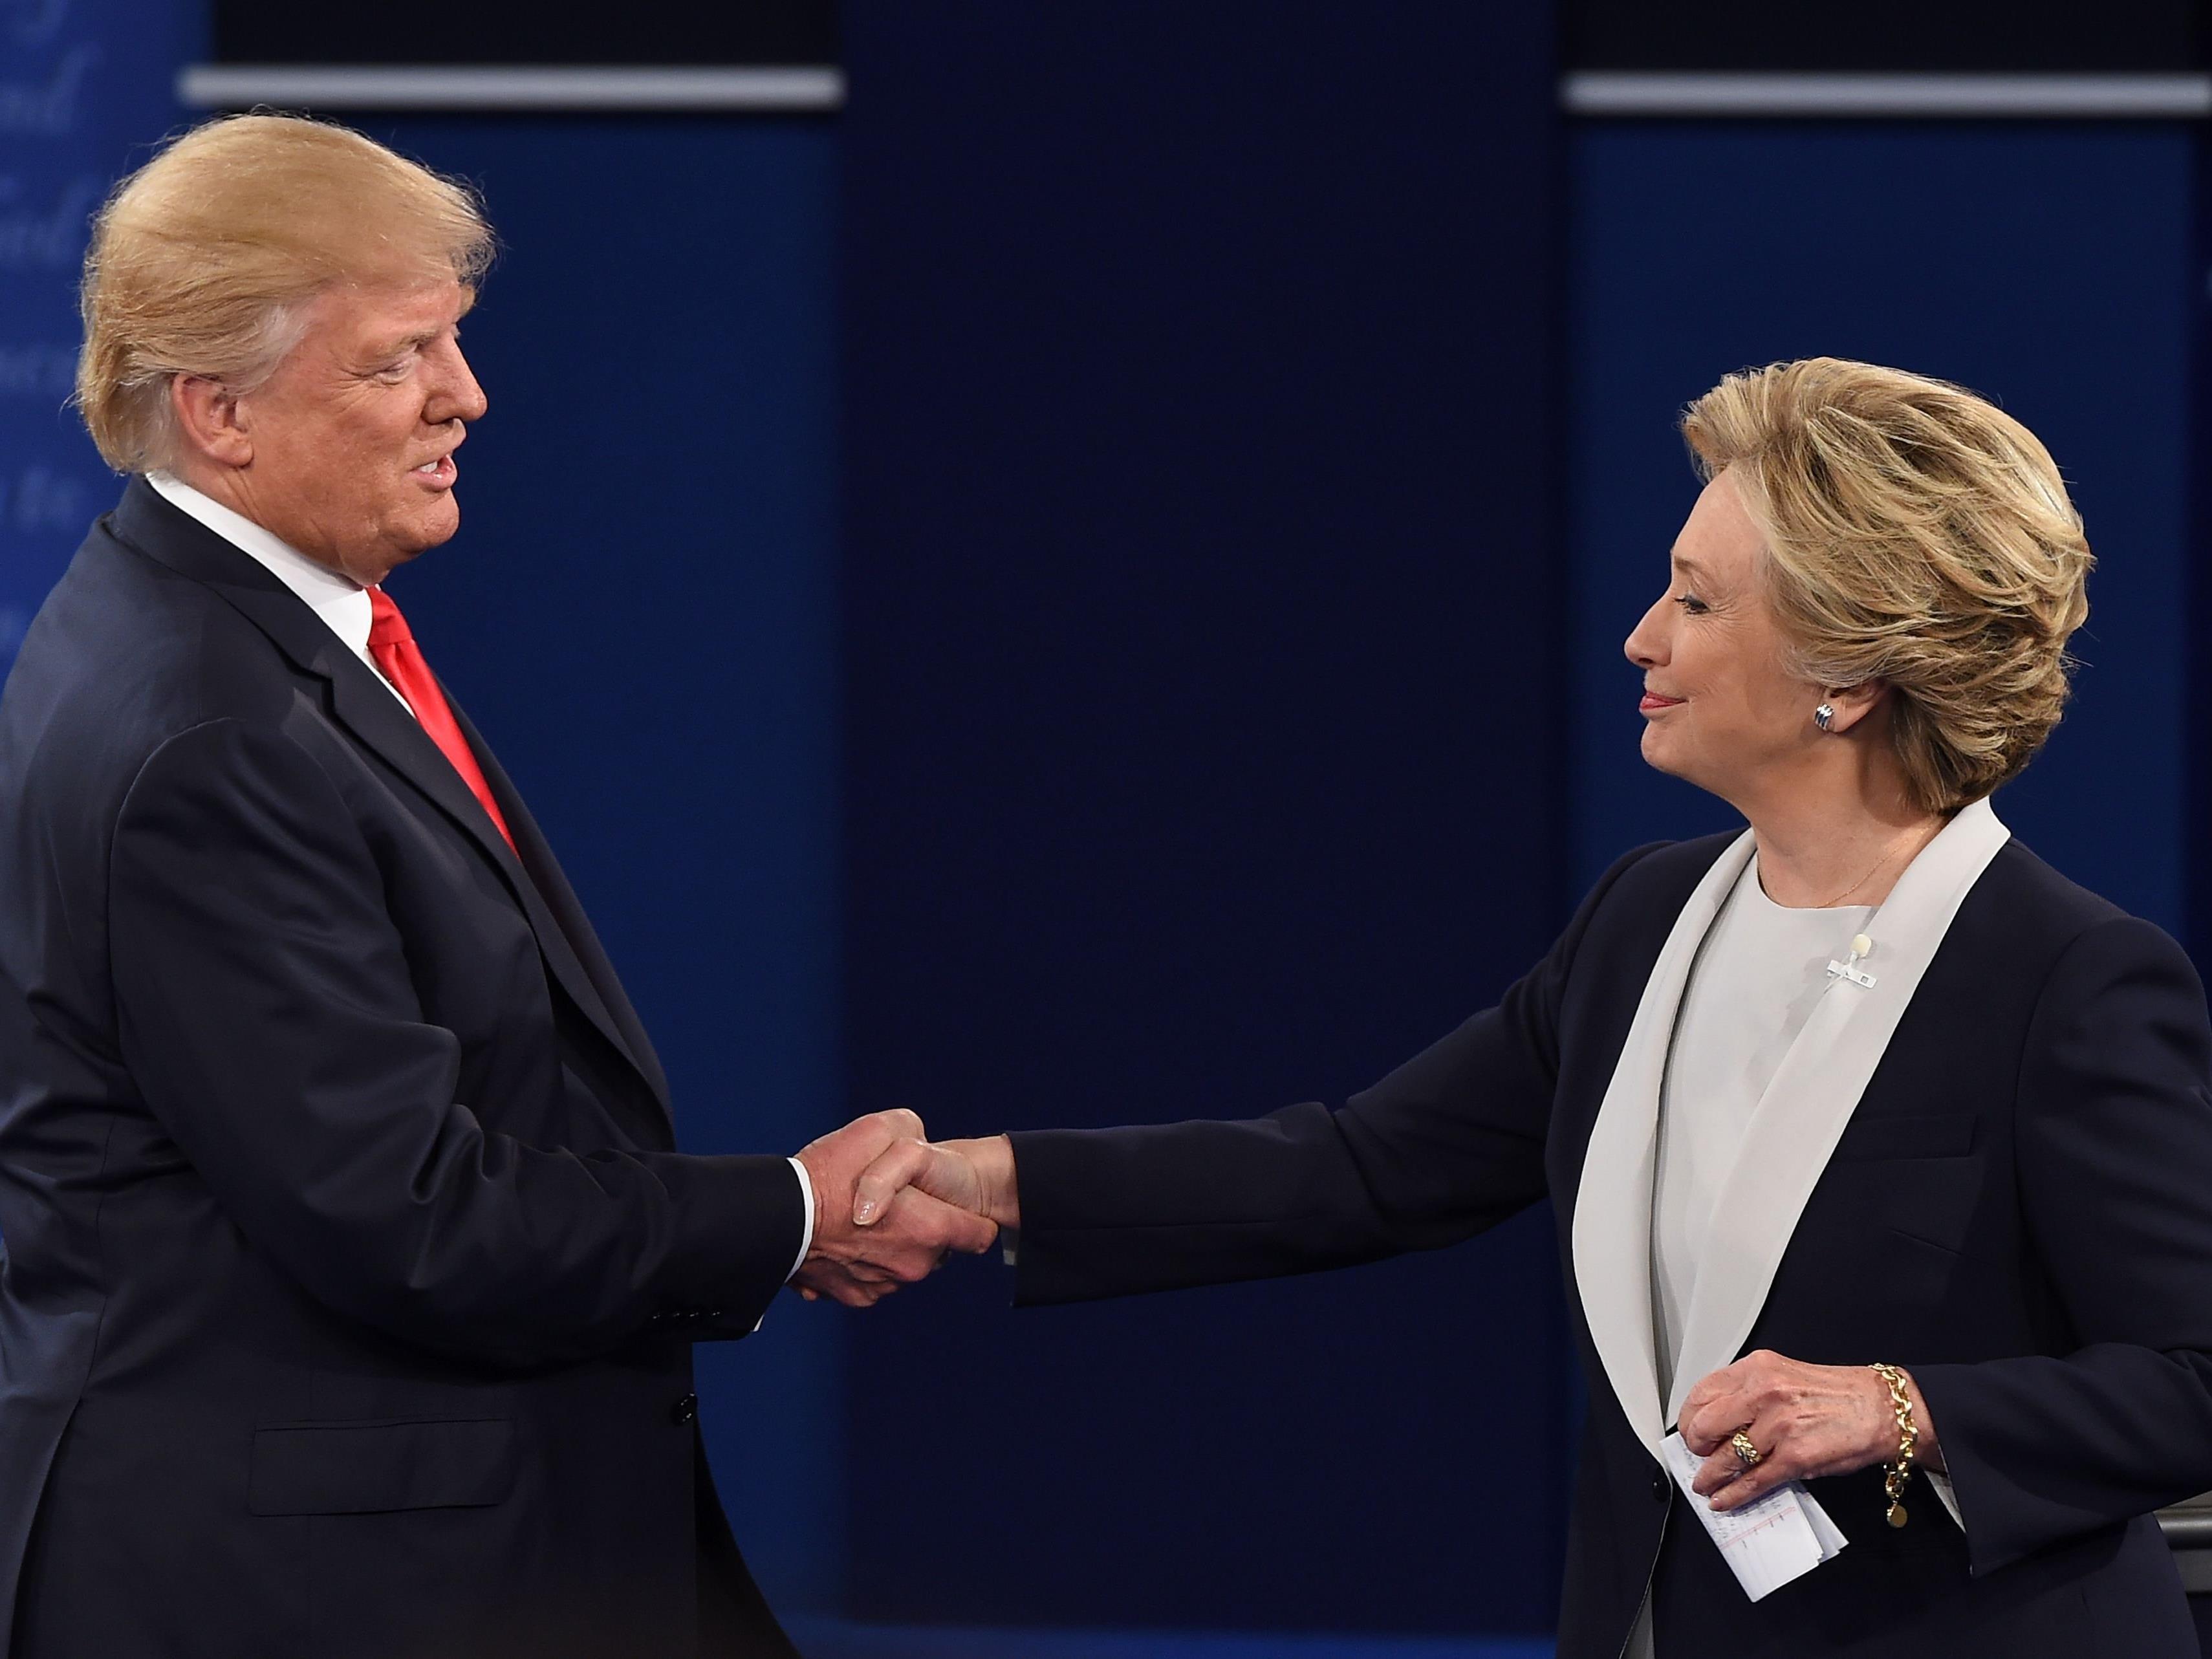 Auf den Handschlag mussten die Zuschauer bis auf das Ende der Debatte warten